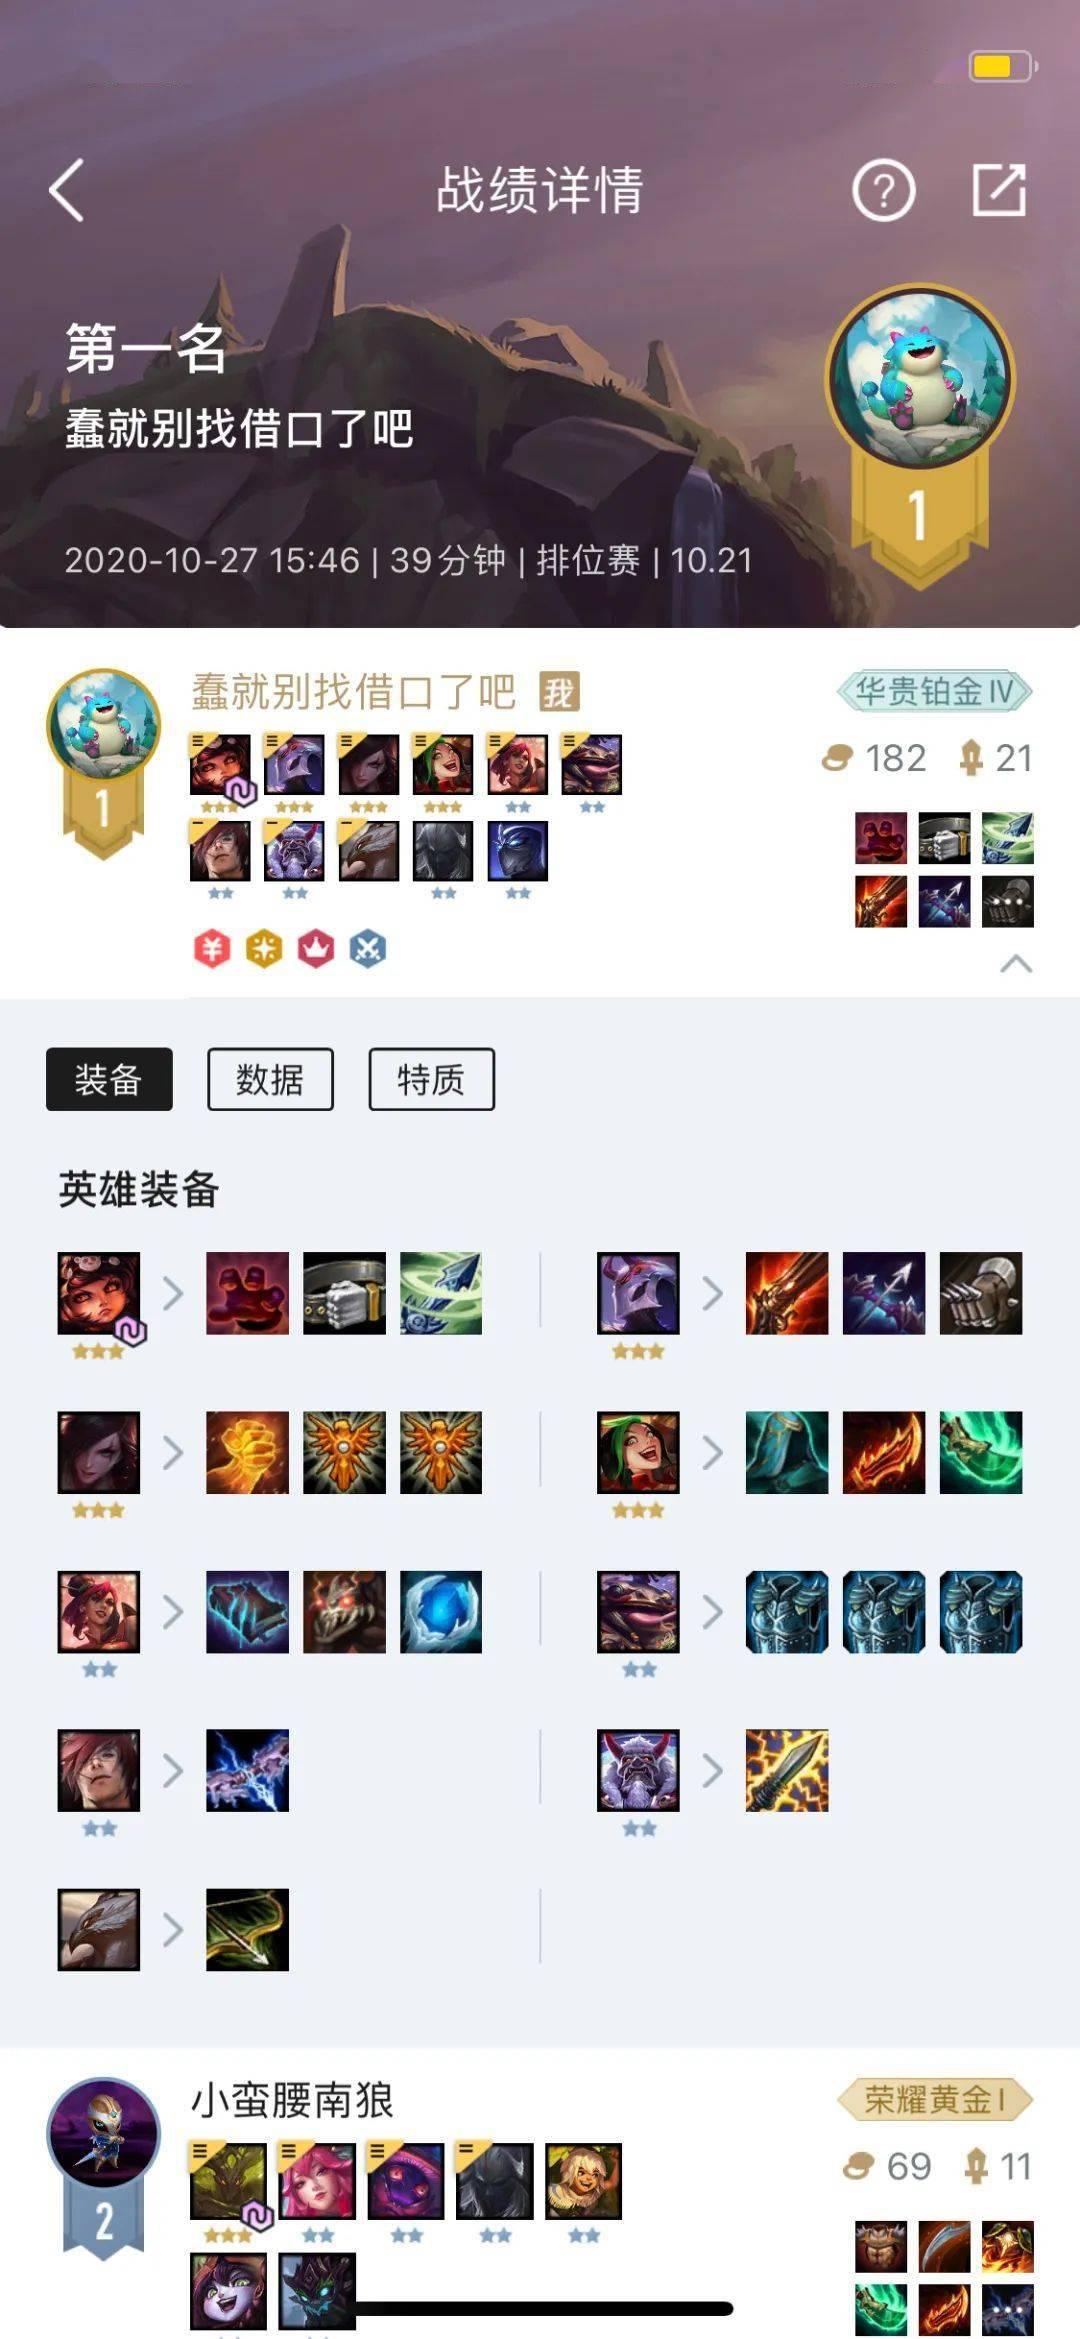 十三人口福星_天选福星塔姆图片